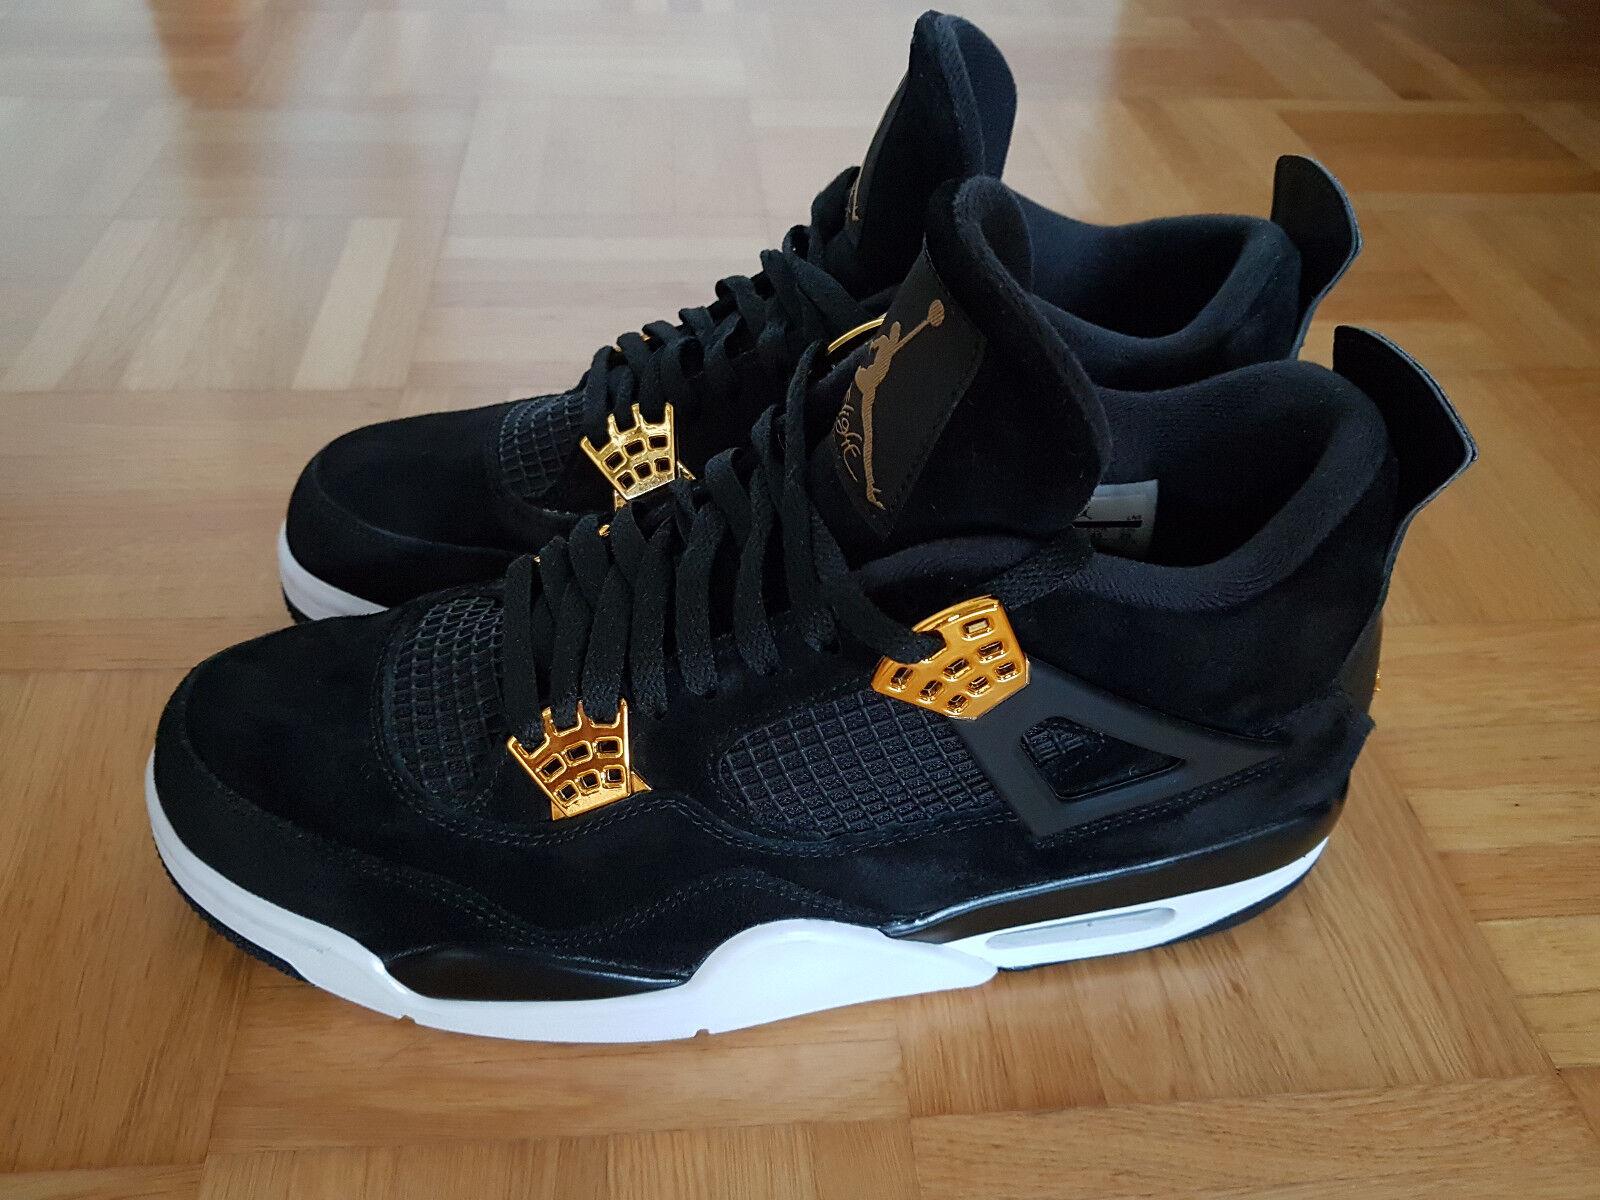 ef9e7a95115 Nike Air Jordan 7 Retro